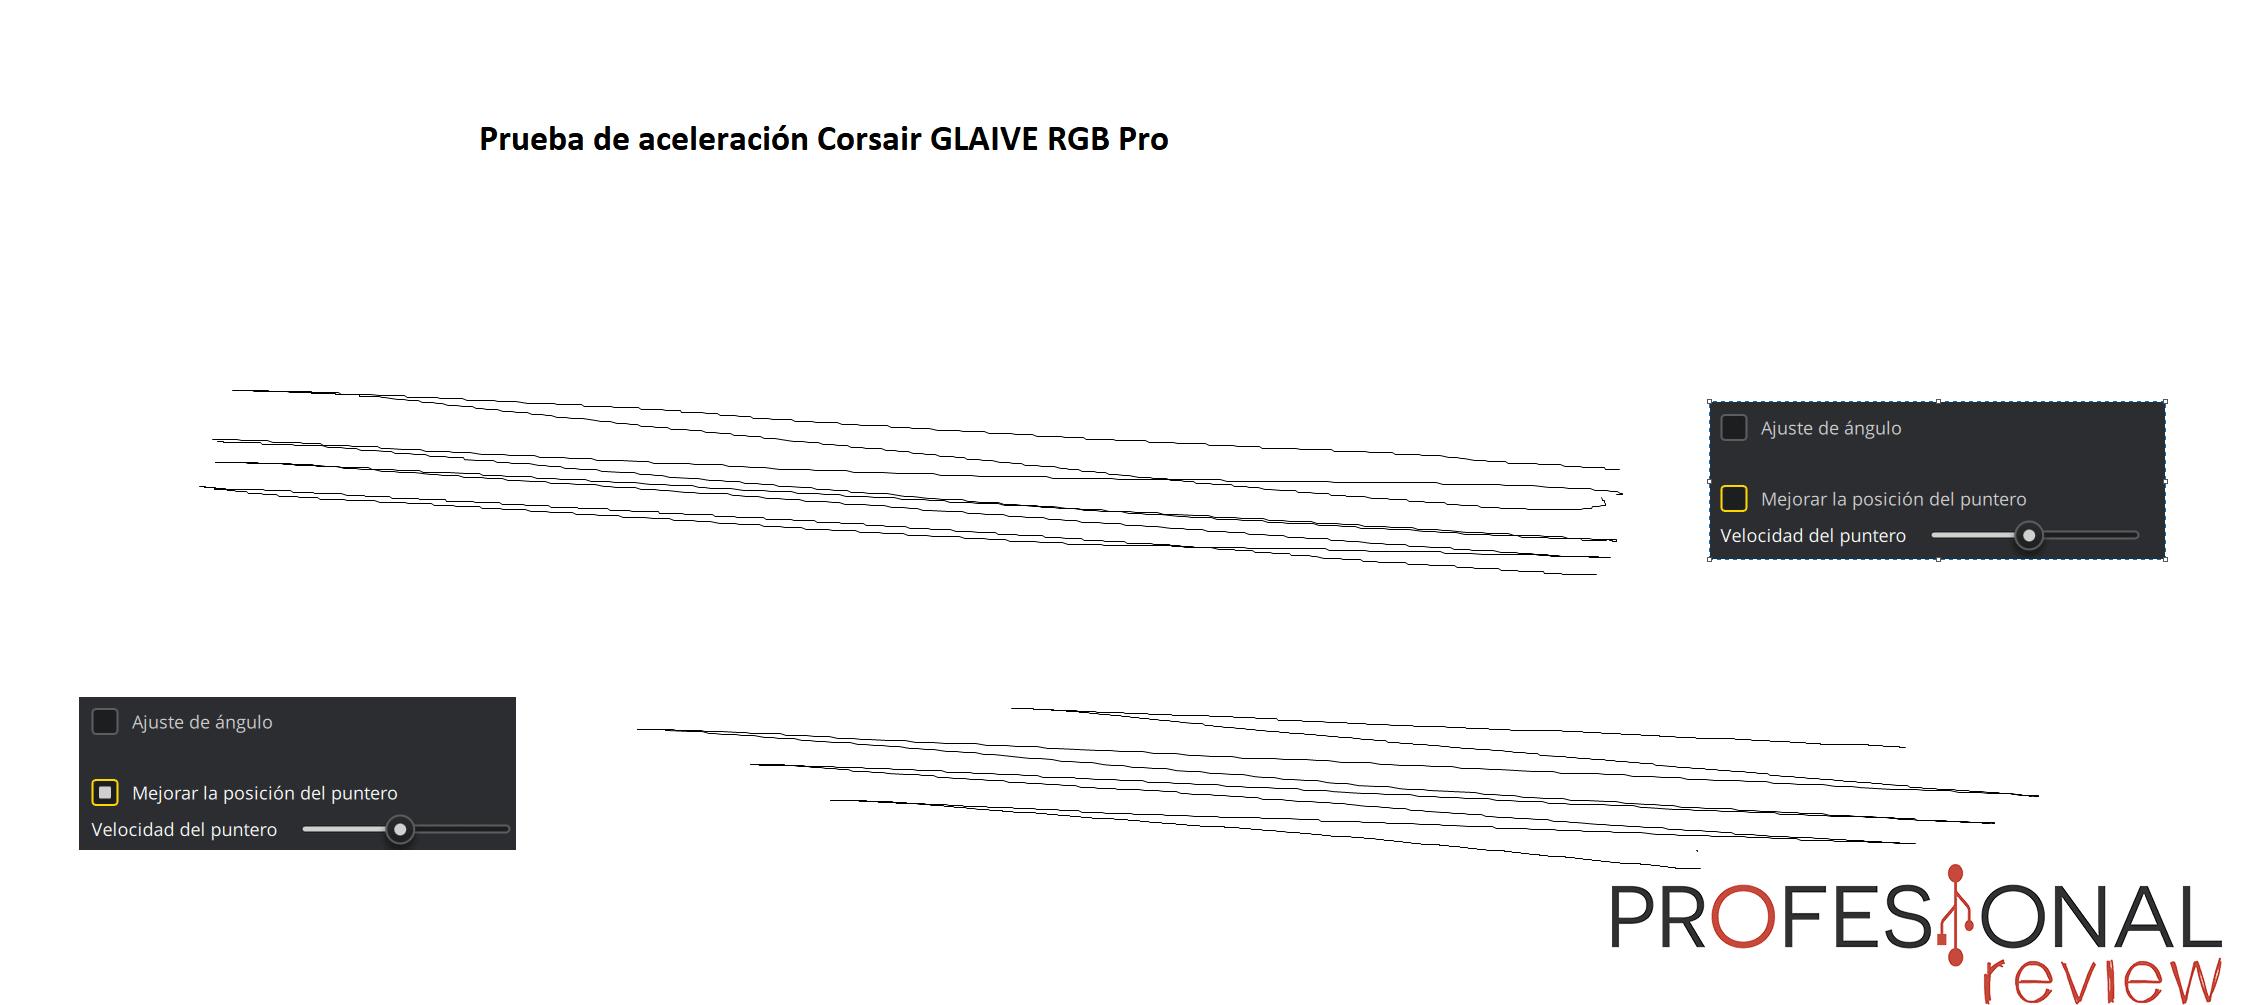 Corsair GLAIVE RGB Pro aceleración